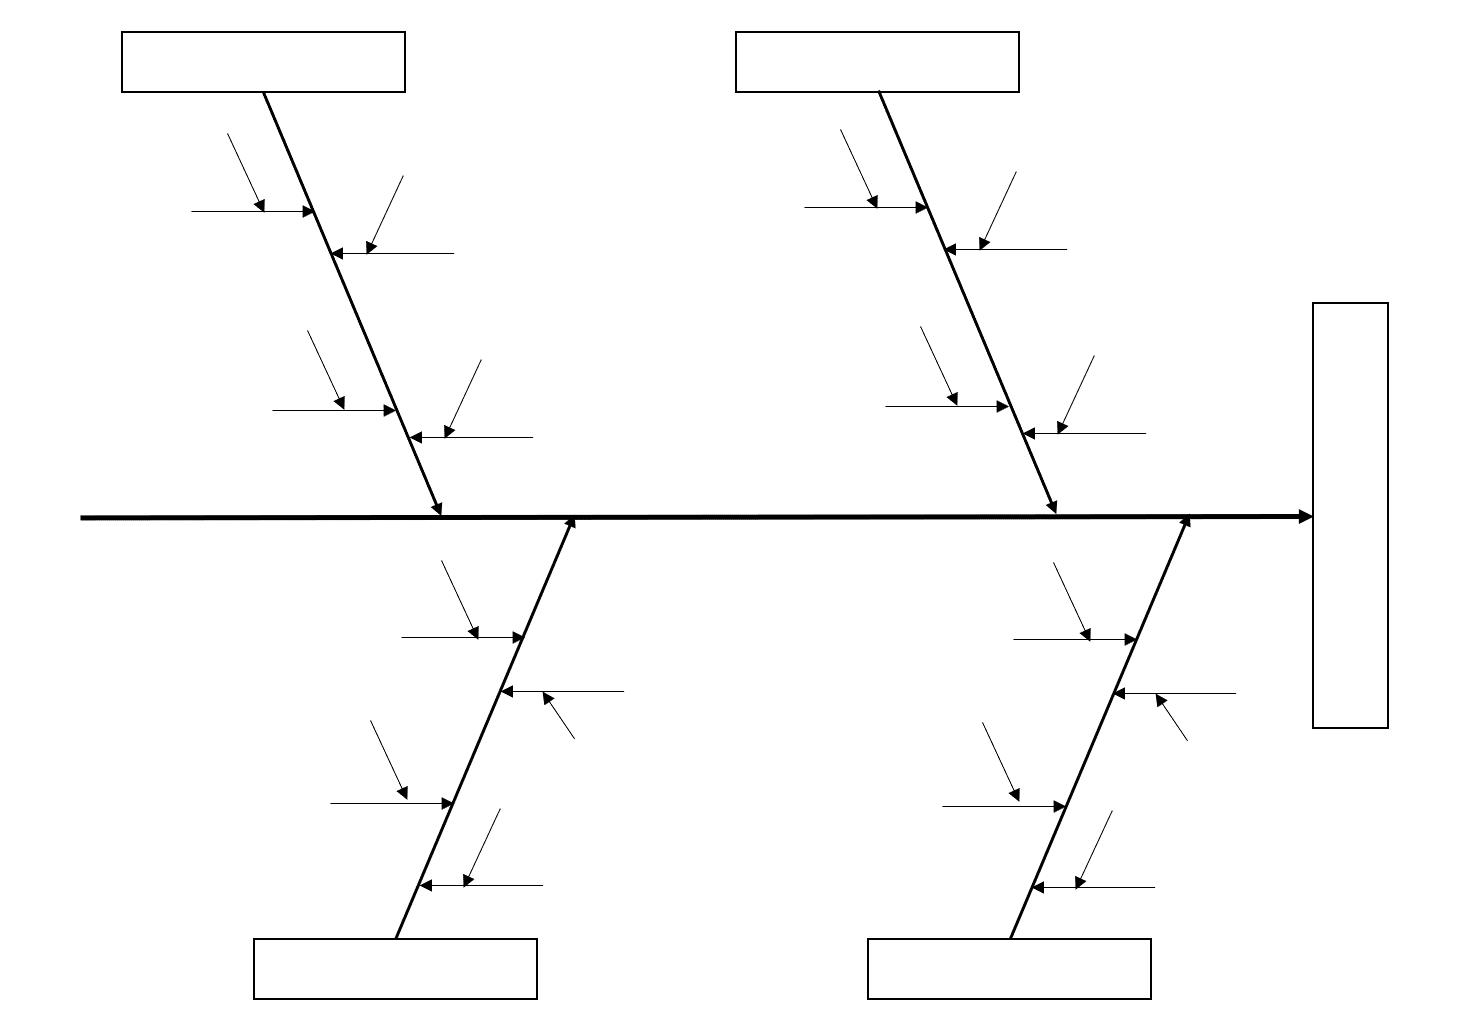 QC7つ道具の使い方⑦特性要因図の作り方1(エクセルは次回を予定)